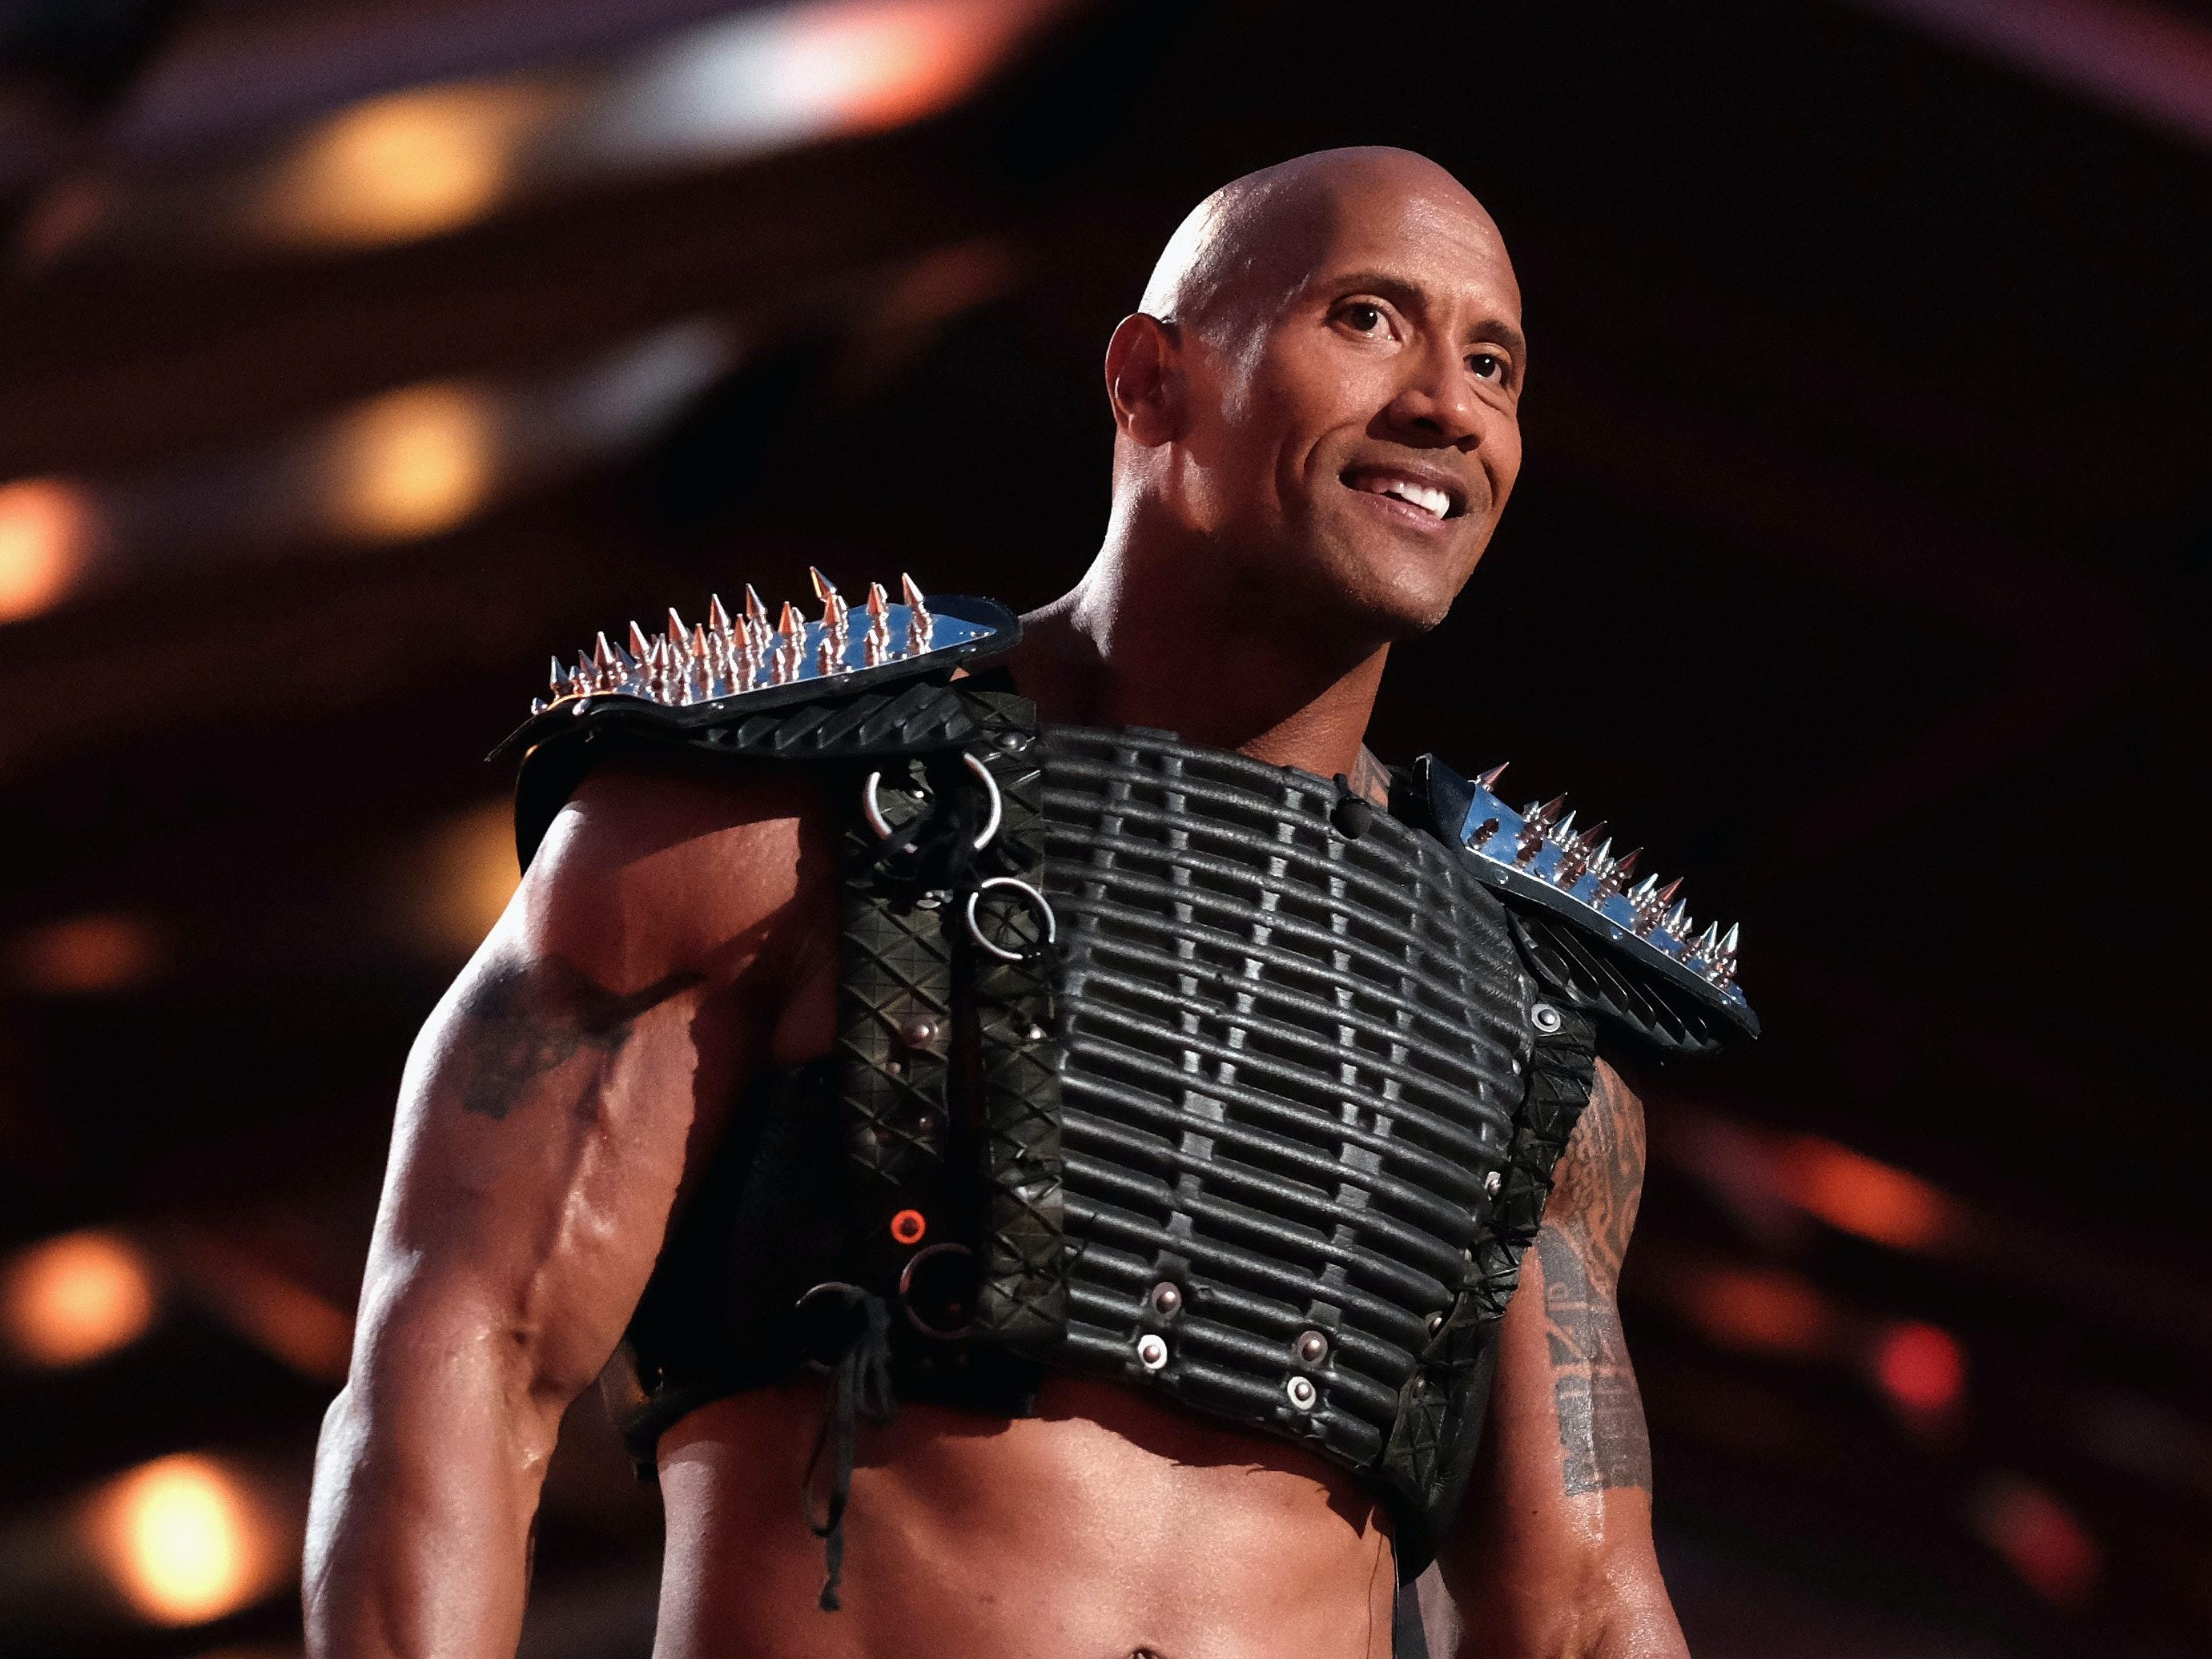 Dwayne 'The Rock' Johnson Will Star in the 'Jumanji' Remake